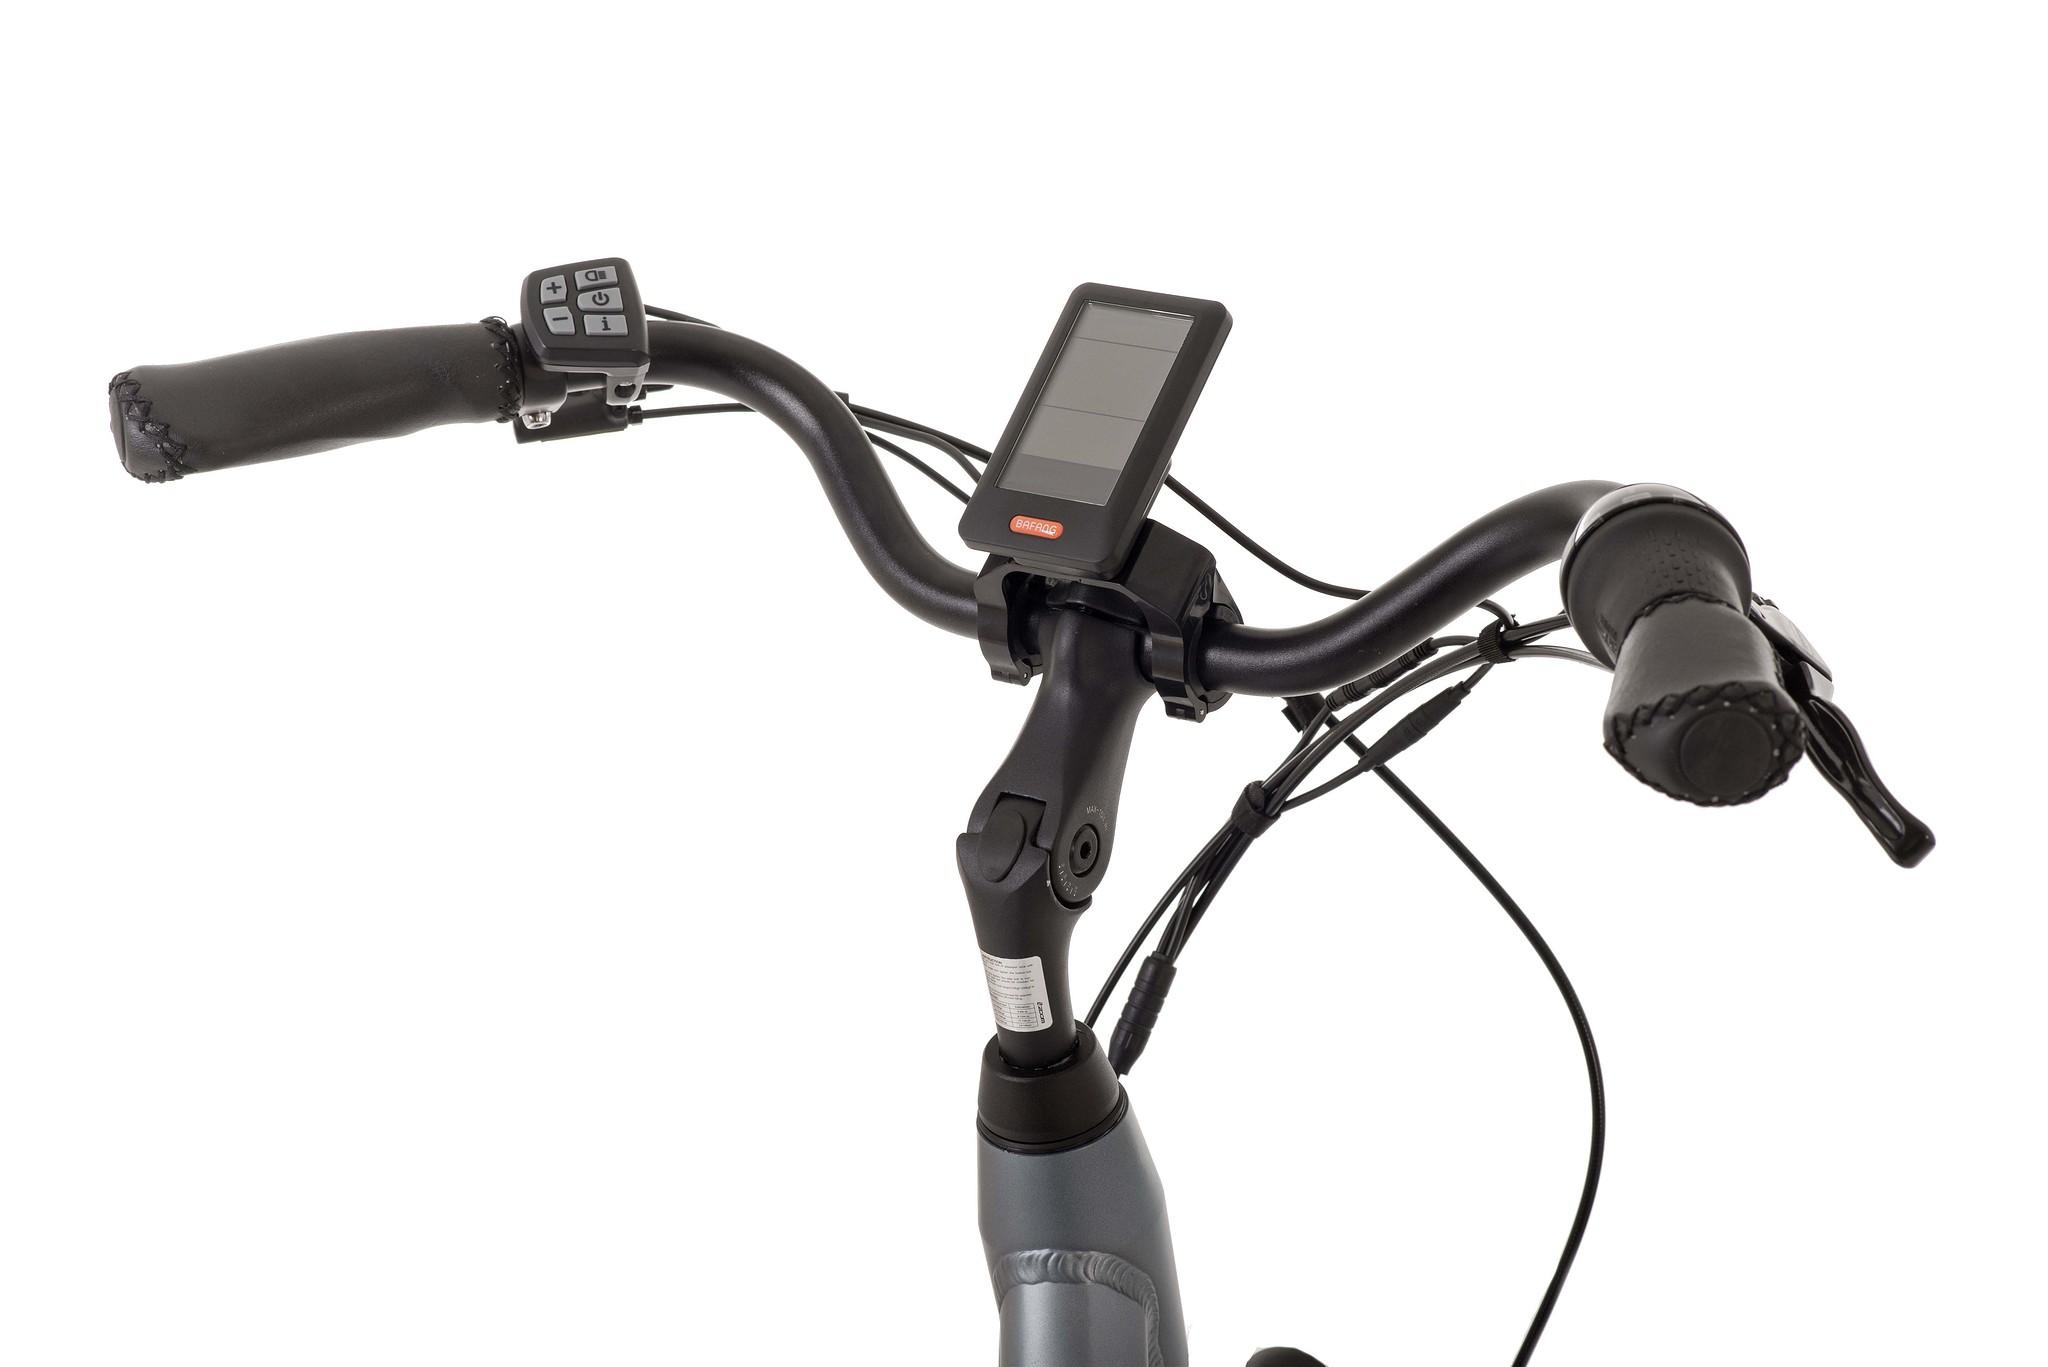 Bimas Elektrische fiets E-City 7.1 dames cool grijs 50cm 450 Watt Grijs